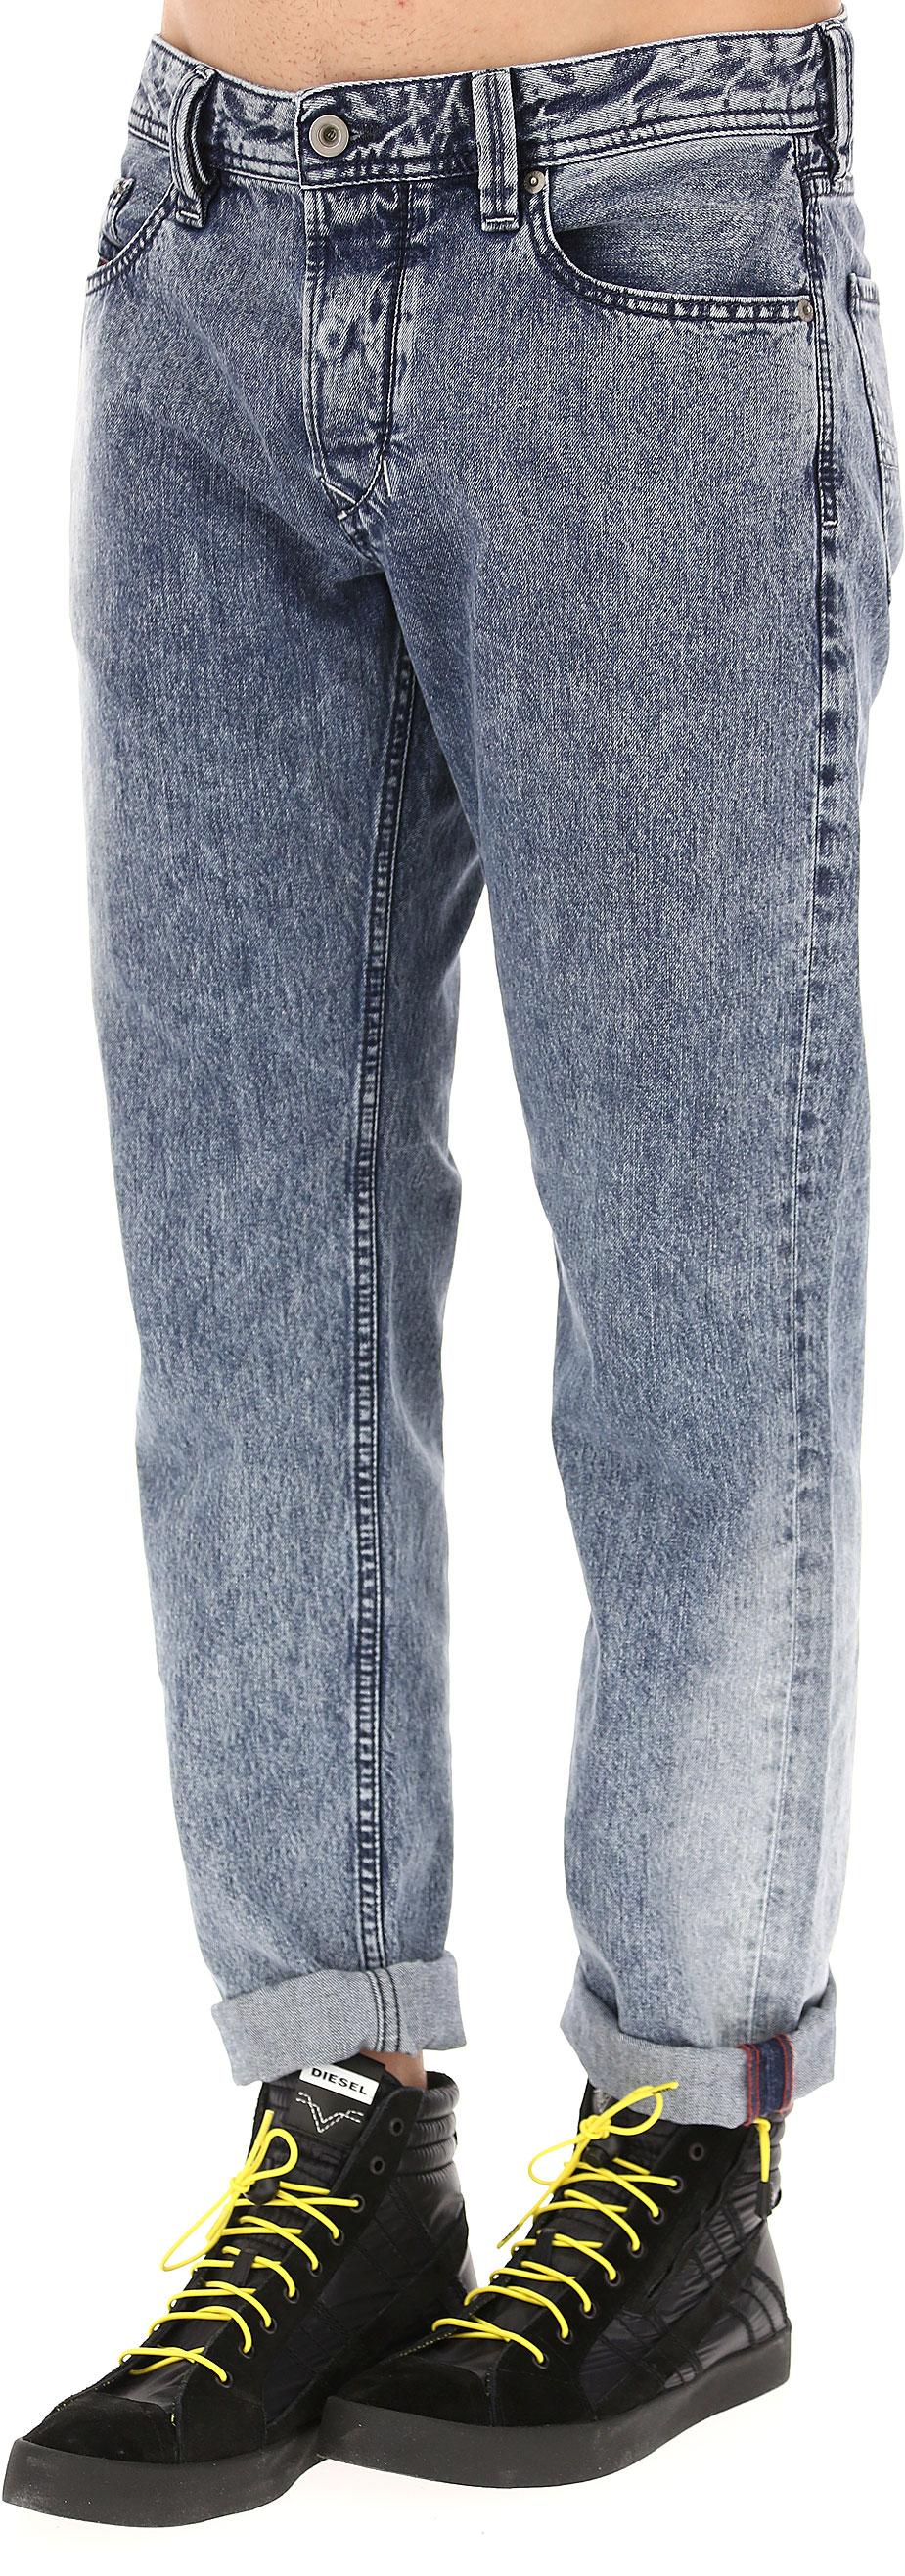 Abbigliamento Uomo Diesel, Codice Articolo: 00sal9-084mh-01